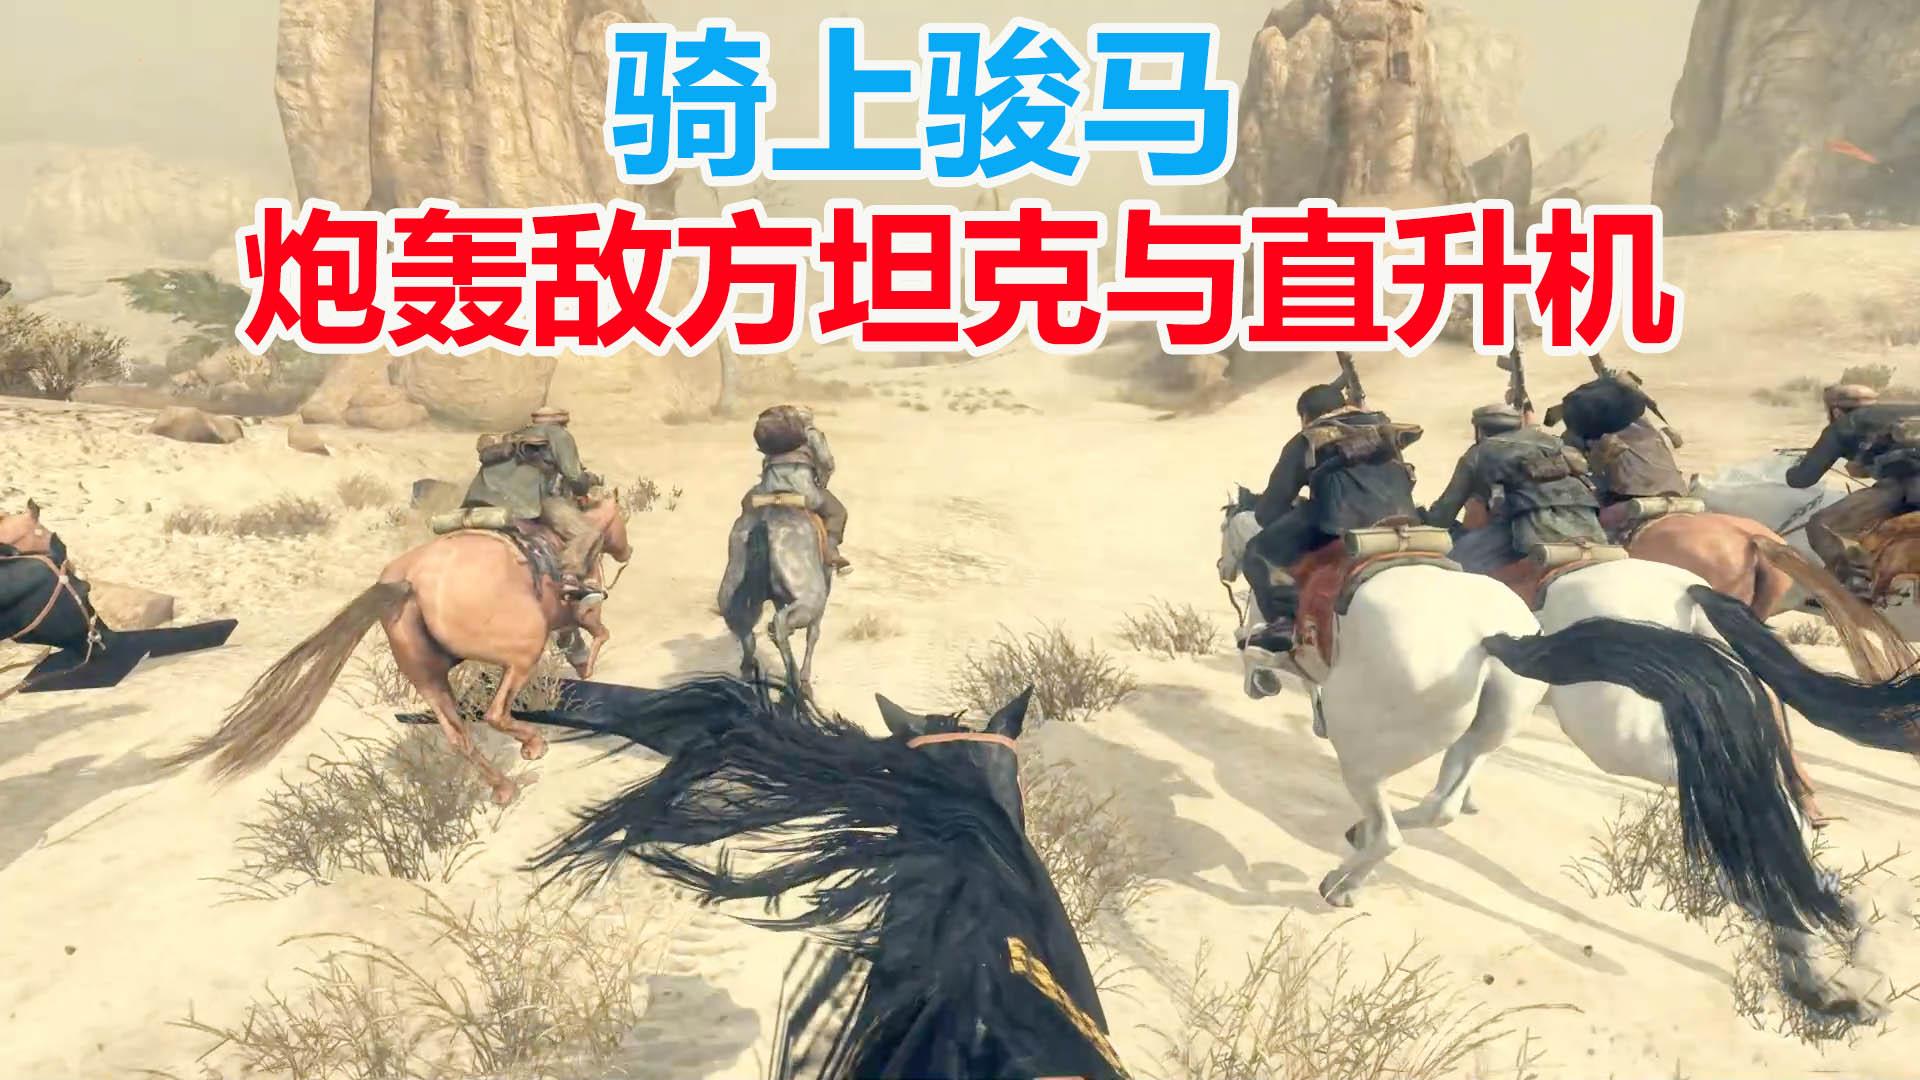 【夏日蕉易战】使命召唤9:骑上骏马,手持RPG火箭筒,炮轰敌方坦克与直升机